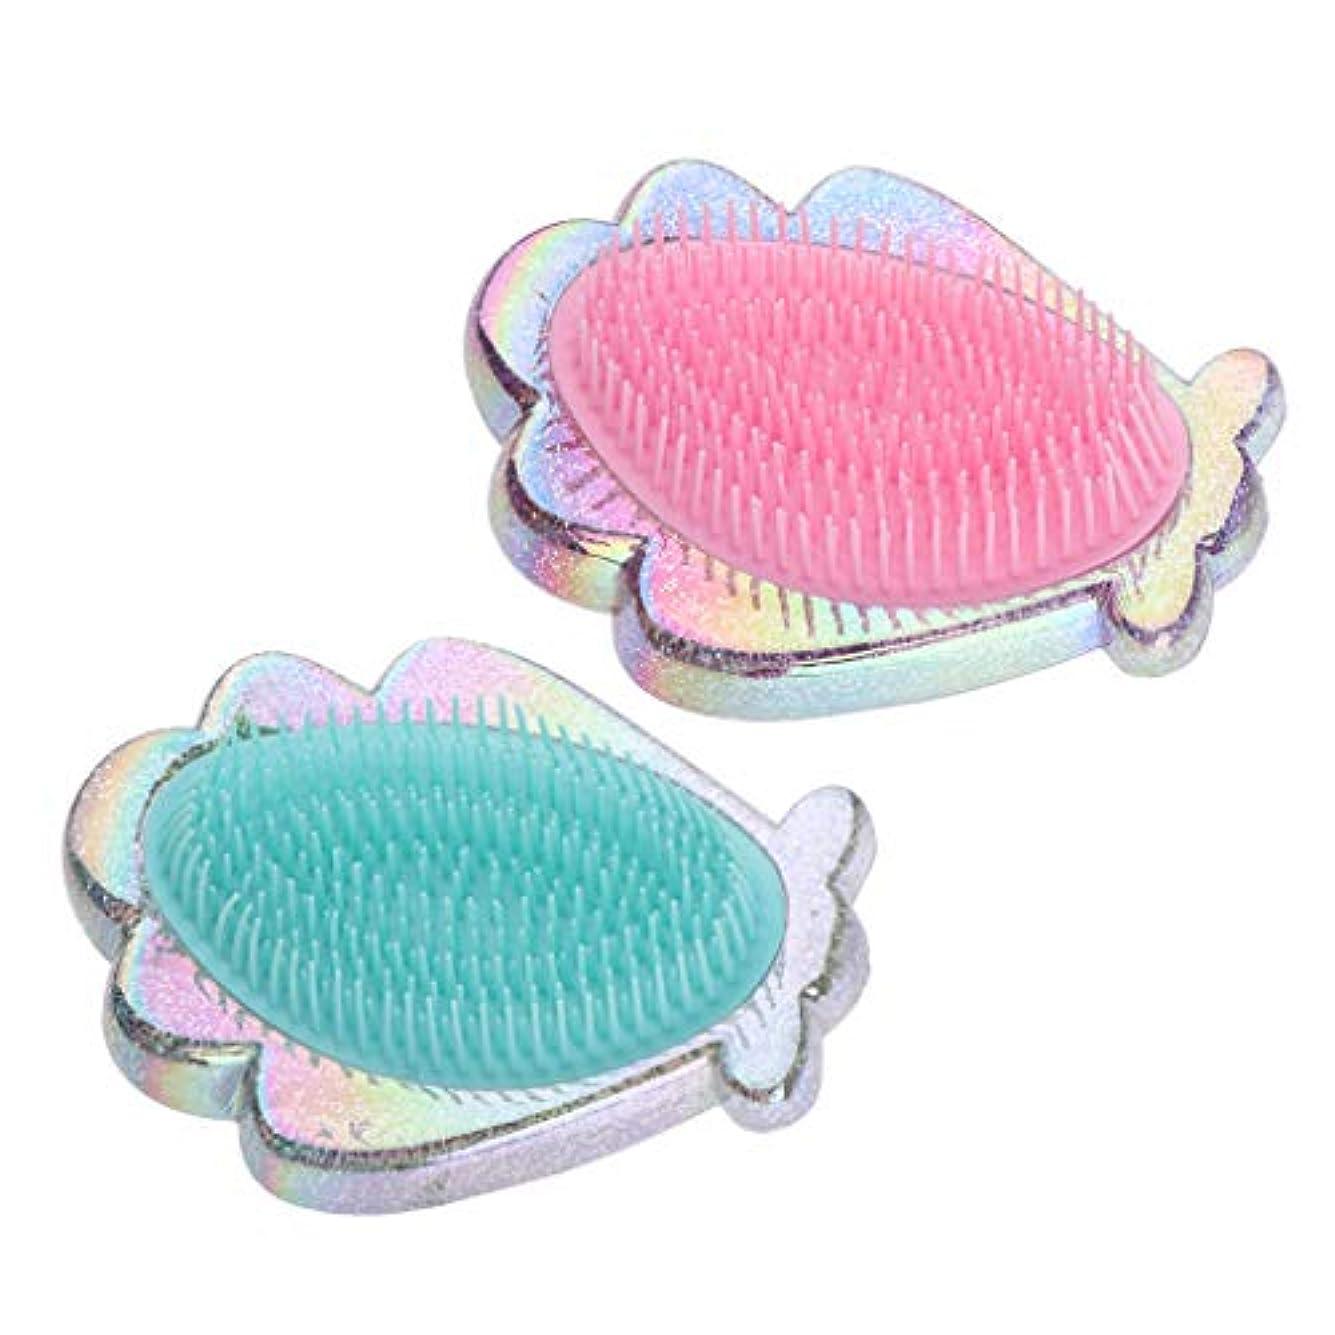 飼いならす見落とす調整CUTICATE コーム ヘアコーム ヘアブラシ 静電気防止 プラスチック製 女性用 2個パック